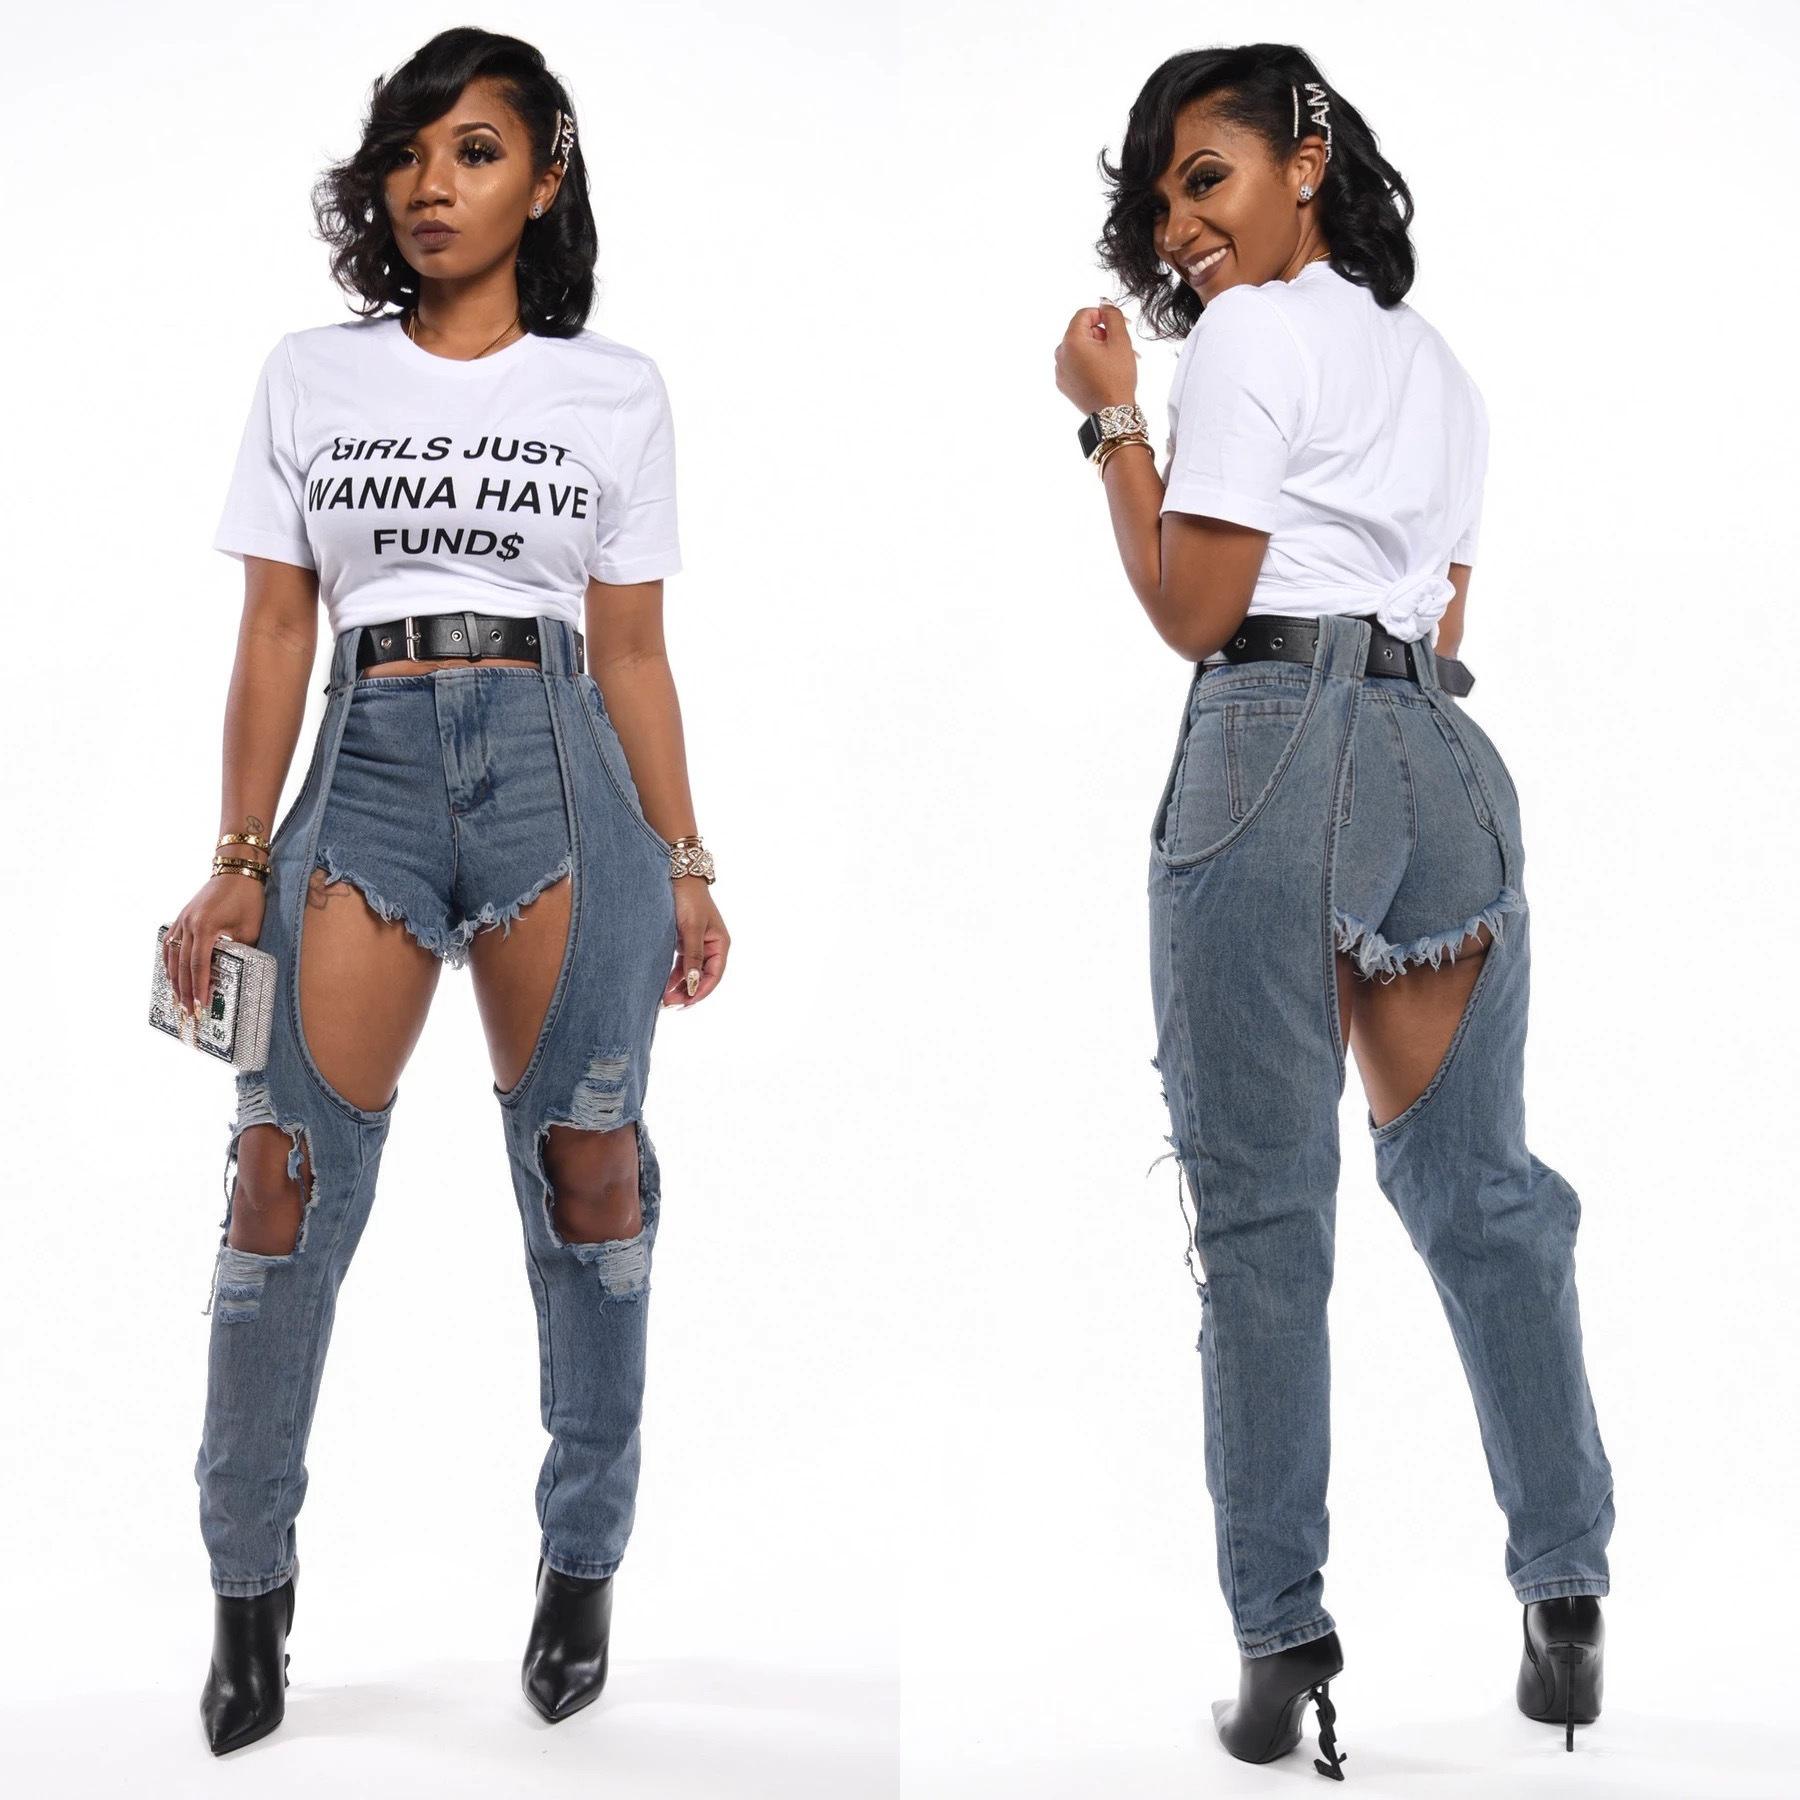 Wy6642 Pantalones Vaqueros Con Diseno Italiano Para Hombre Y Mujer Vaqueros Largos Calados De Retales Con Agujeros A La Moda Buy Vaqueros Mujer Jeans Pantalones Nuevo Estilo Largo Jeans Product On Alibaba Com